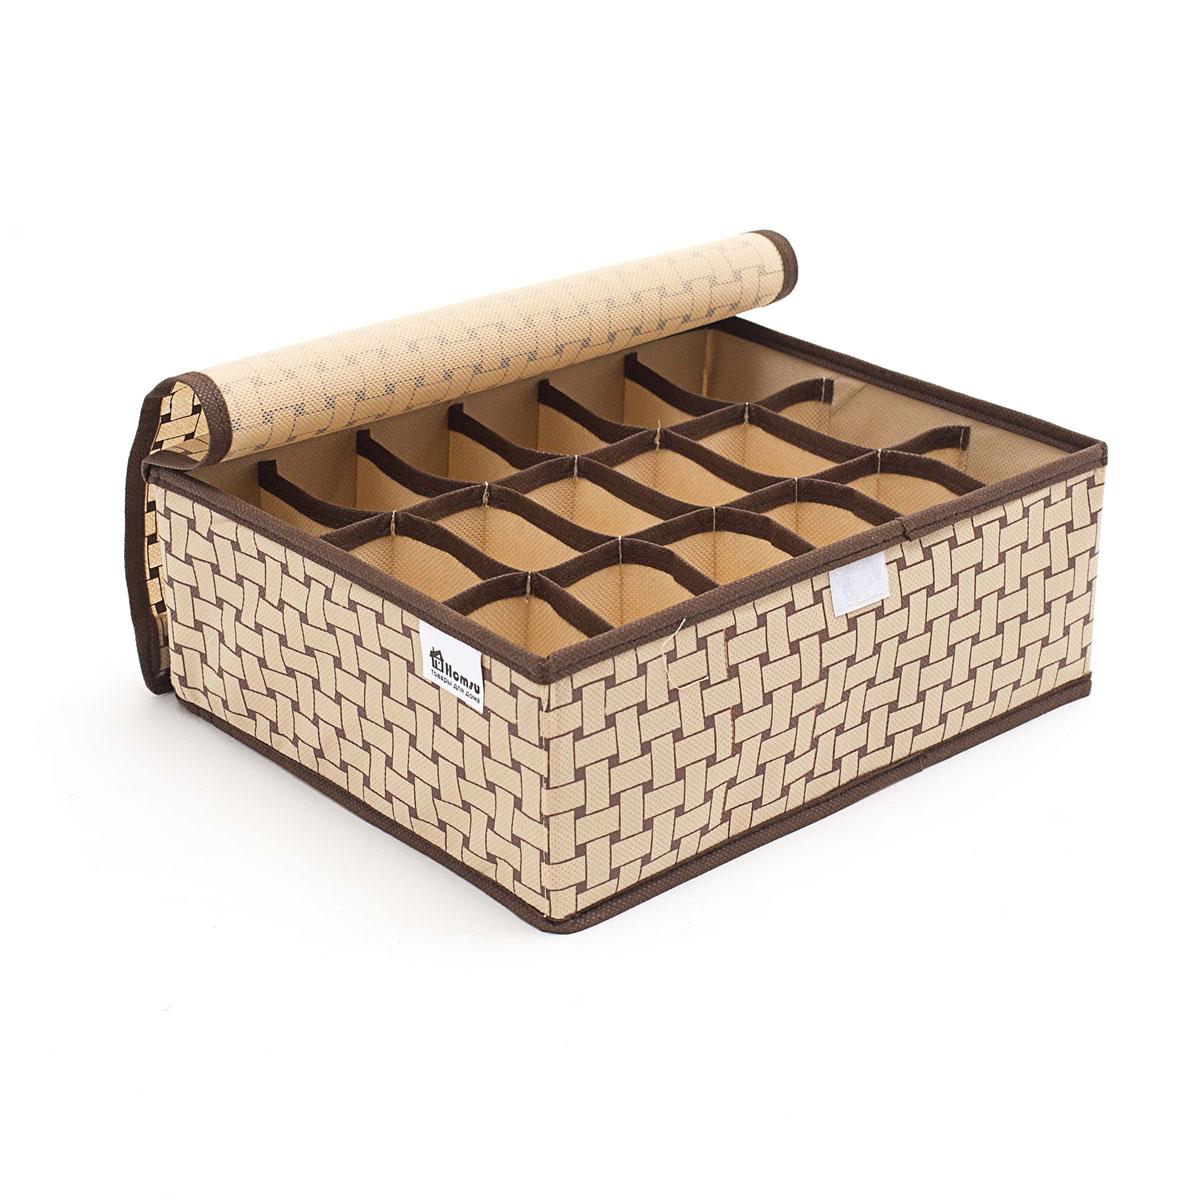 Органайзер для хранения вещей Homsu Pletenka, 18 секций, 31 х 24 х 11 см органайзер для хранения обуви homsu pletenka 6 секций 66 х 63 х 11 см